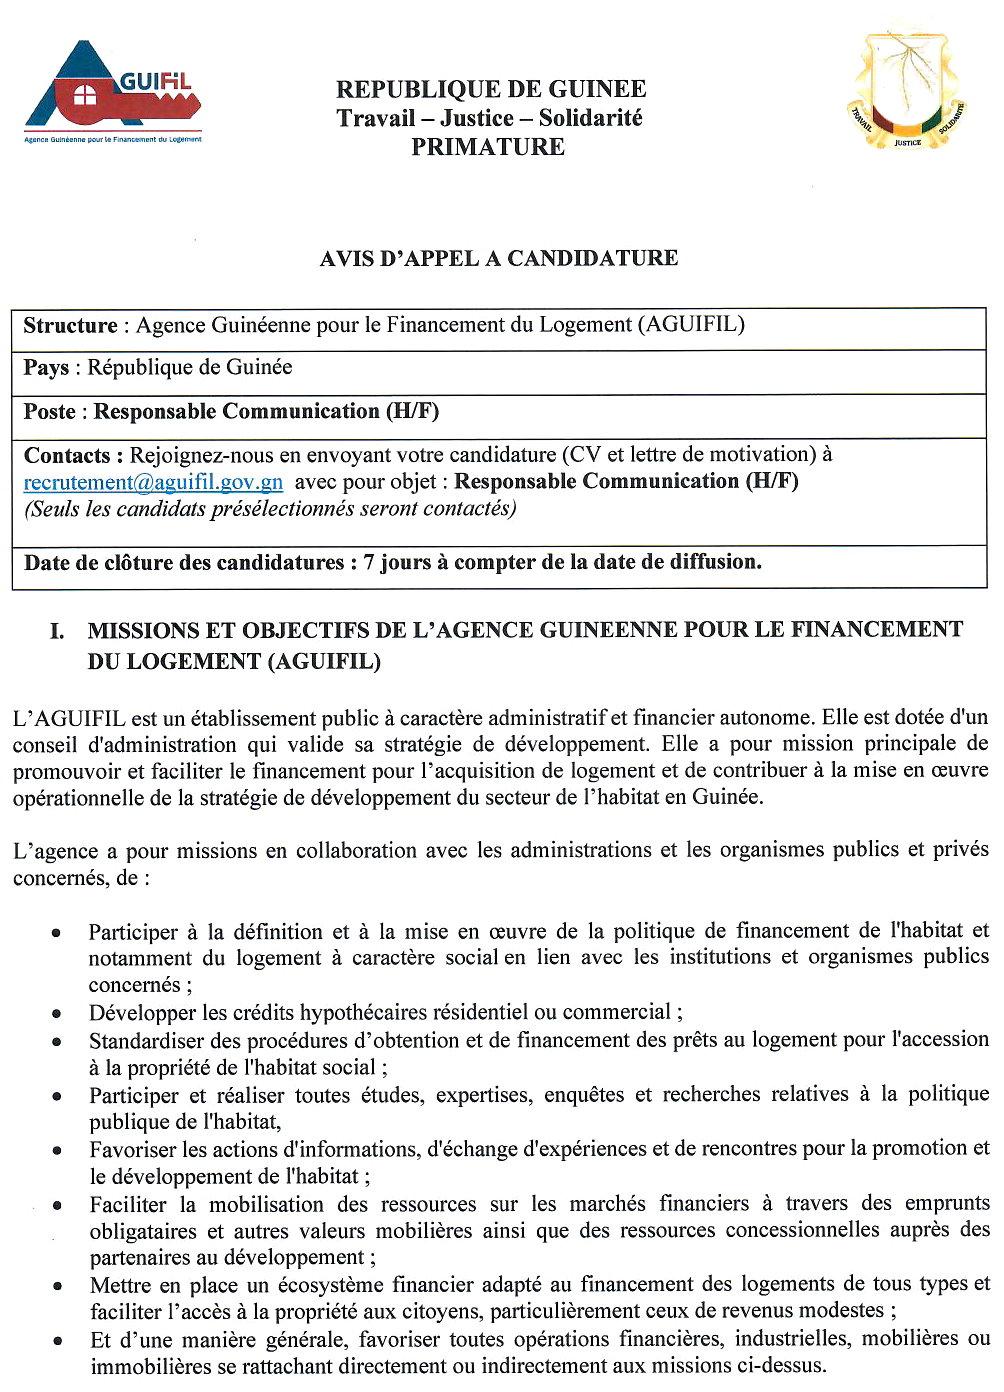 Recrutement en guinée - Aguifil p.1